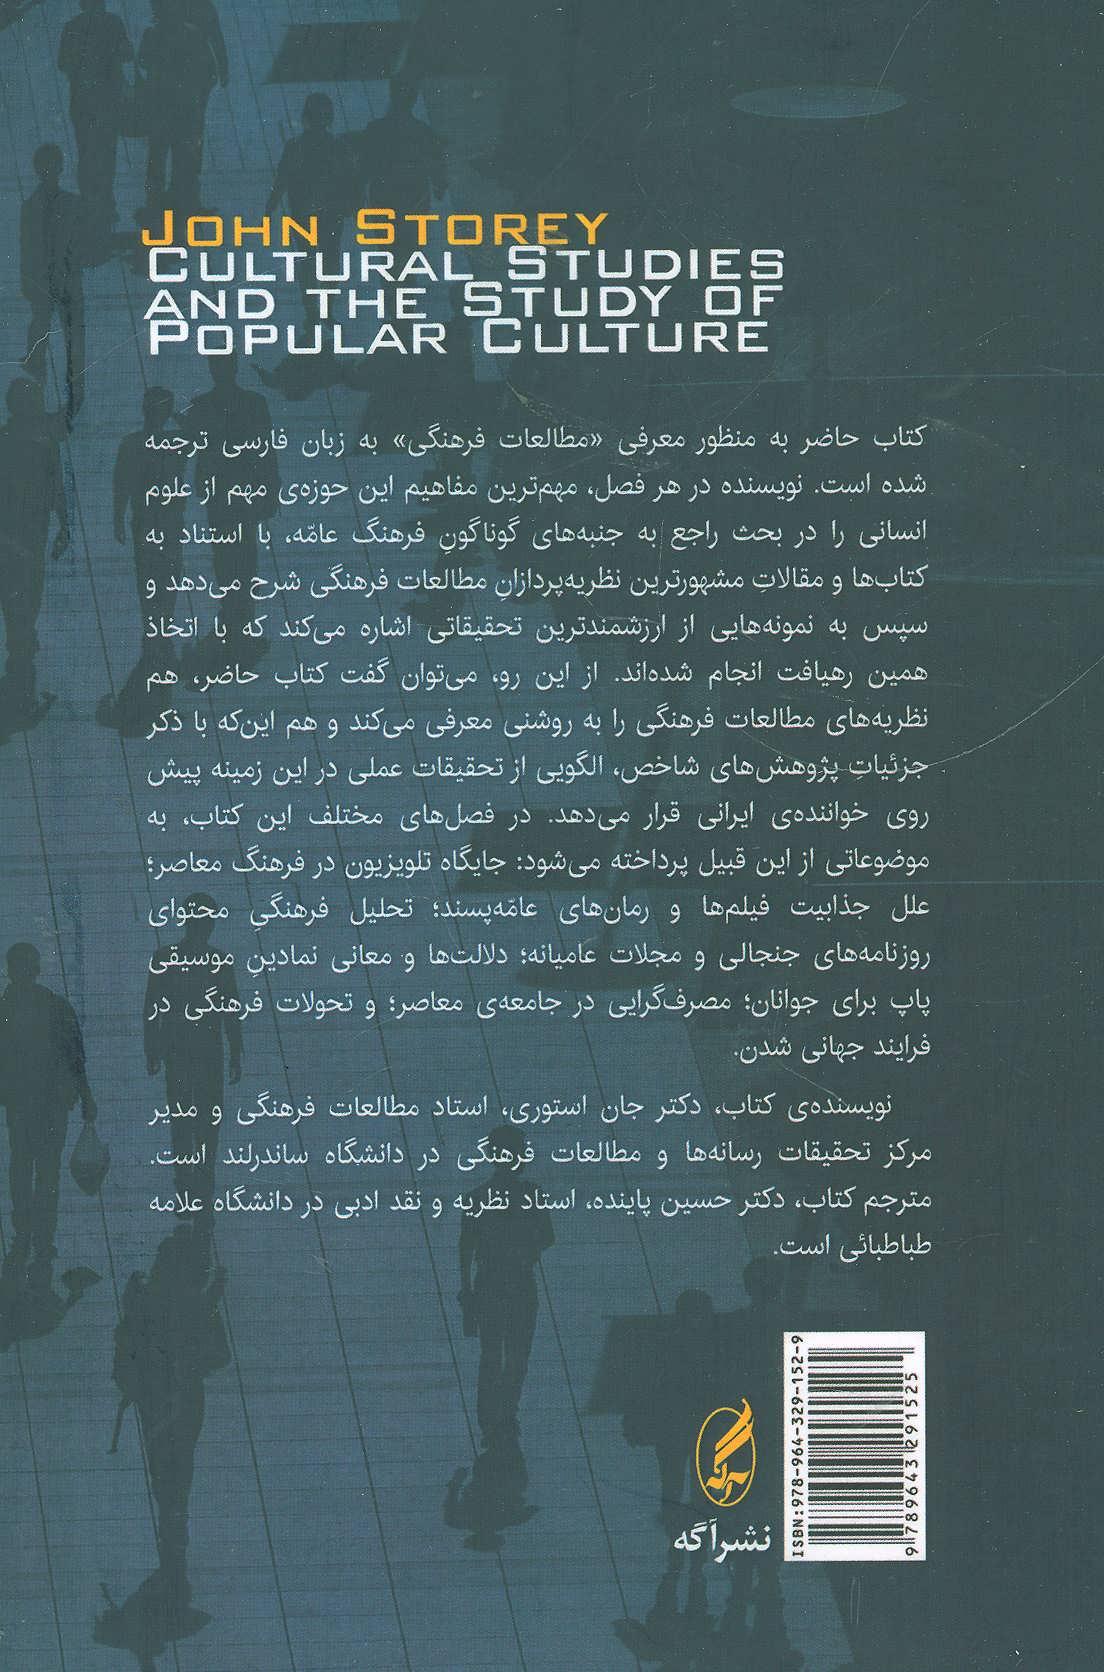 مطالعات فرهنگی درباره ی فرهنگ عامه